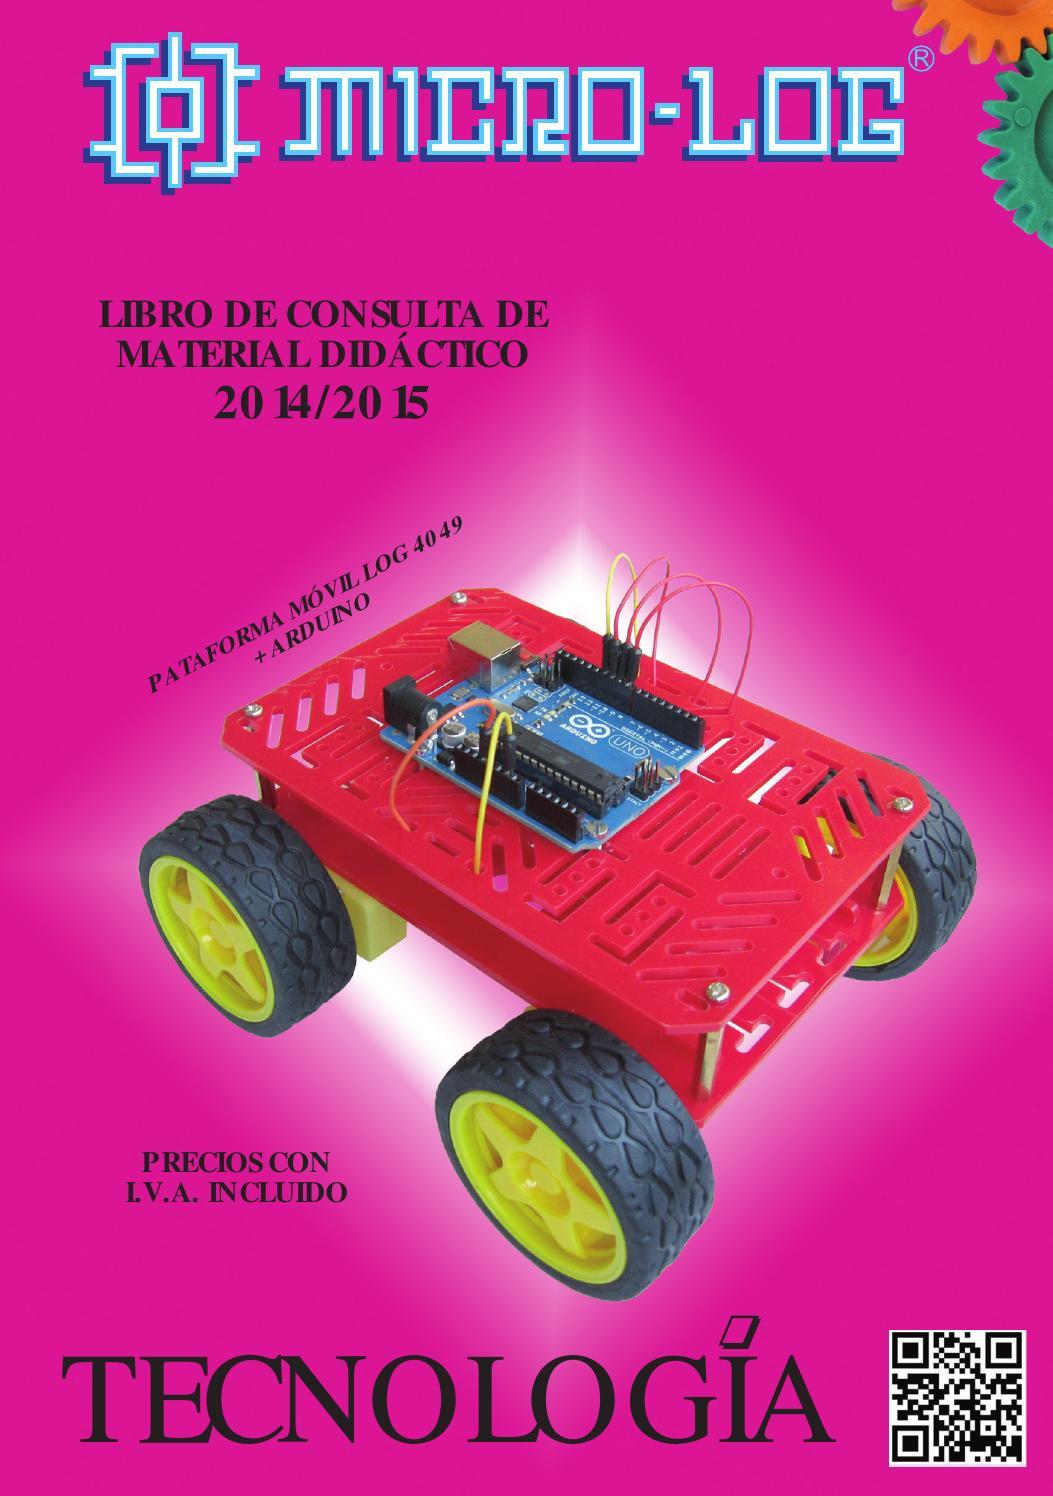 1 x 4 - plates-plaquitas-rojo Lego ® 34 trozo placas